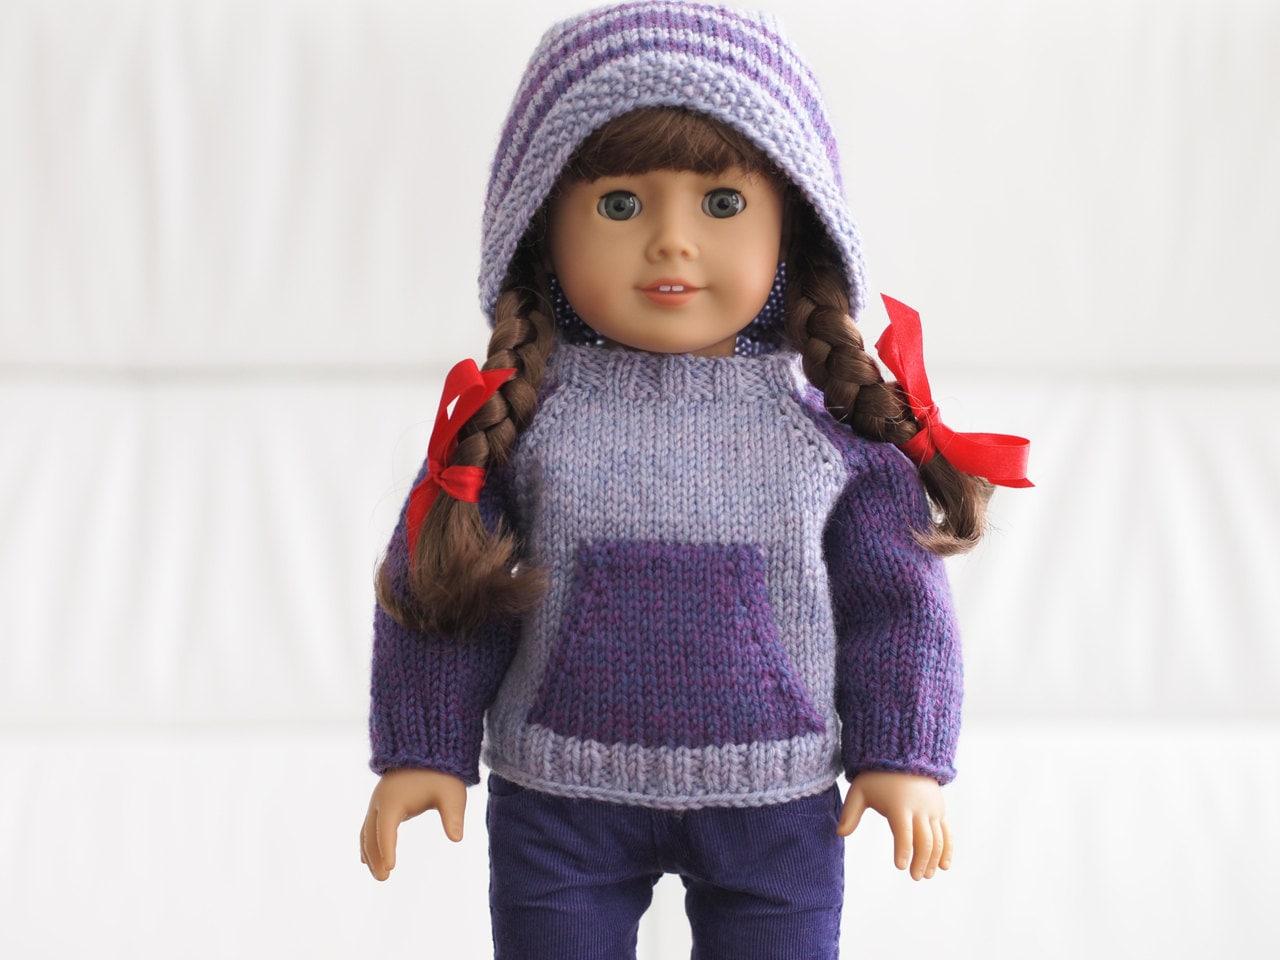 Knitting Pattern For Dolls Hoodie : Kangaroo Campfire Hoodie Knitting Pattern for 18 Inch Dolls